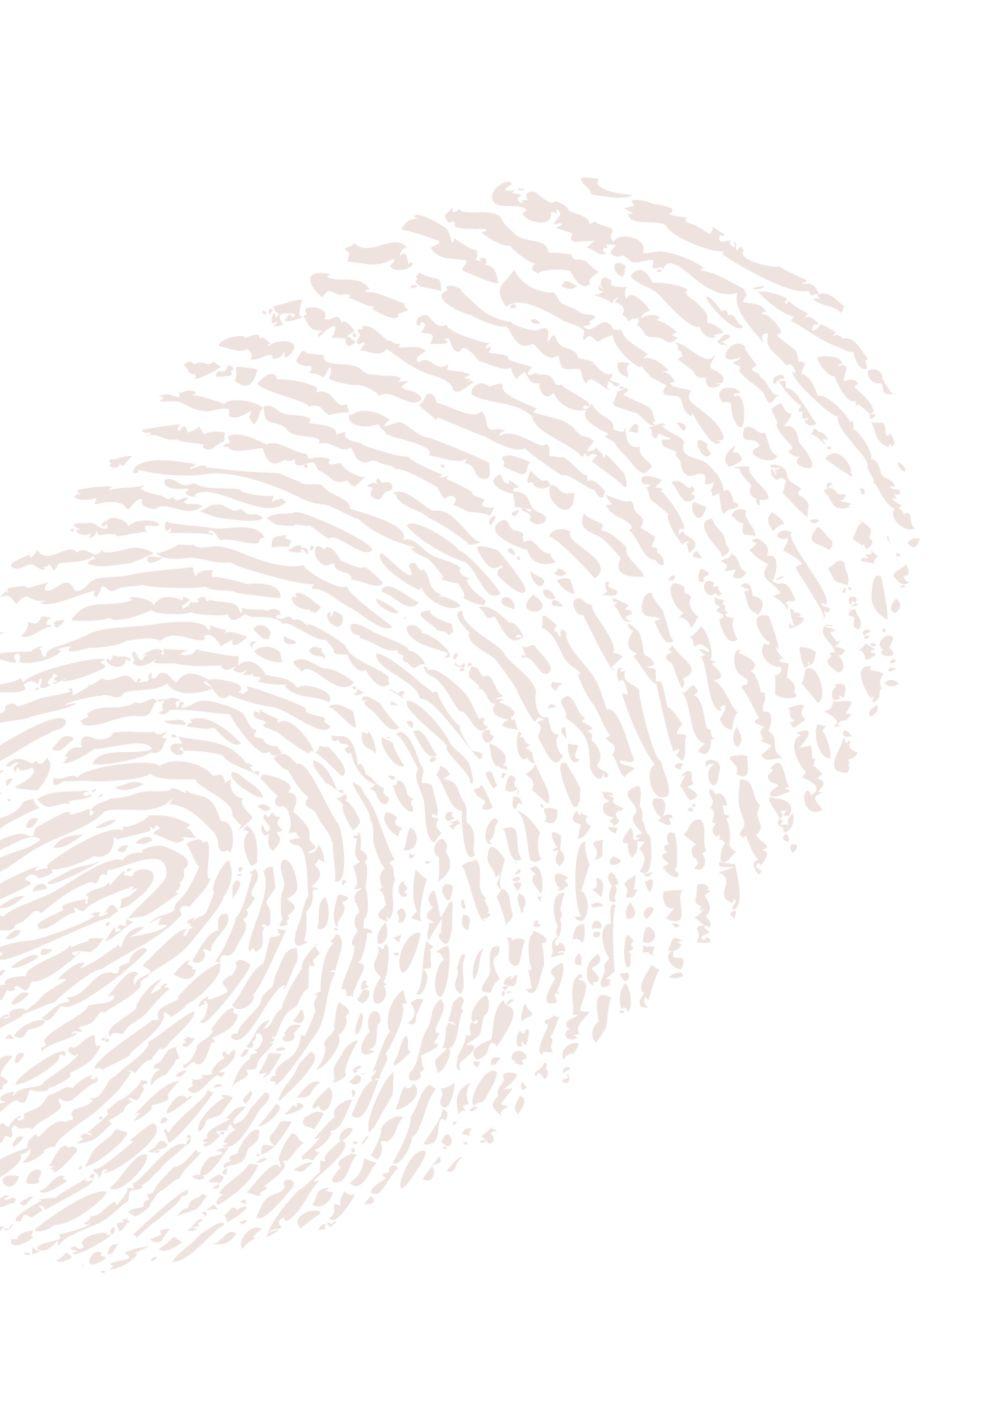 Ansicht 4 - Hochzeit Einladung fingerprint